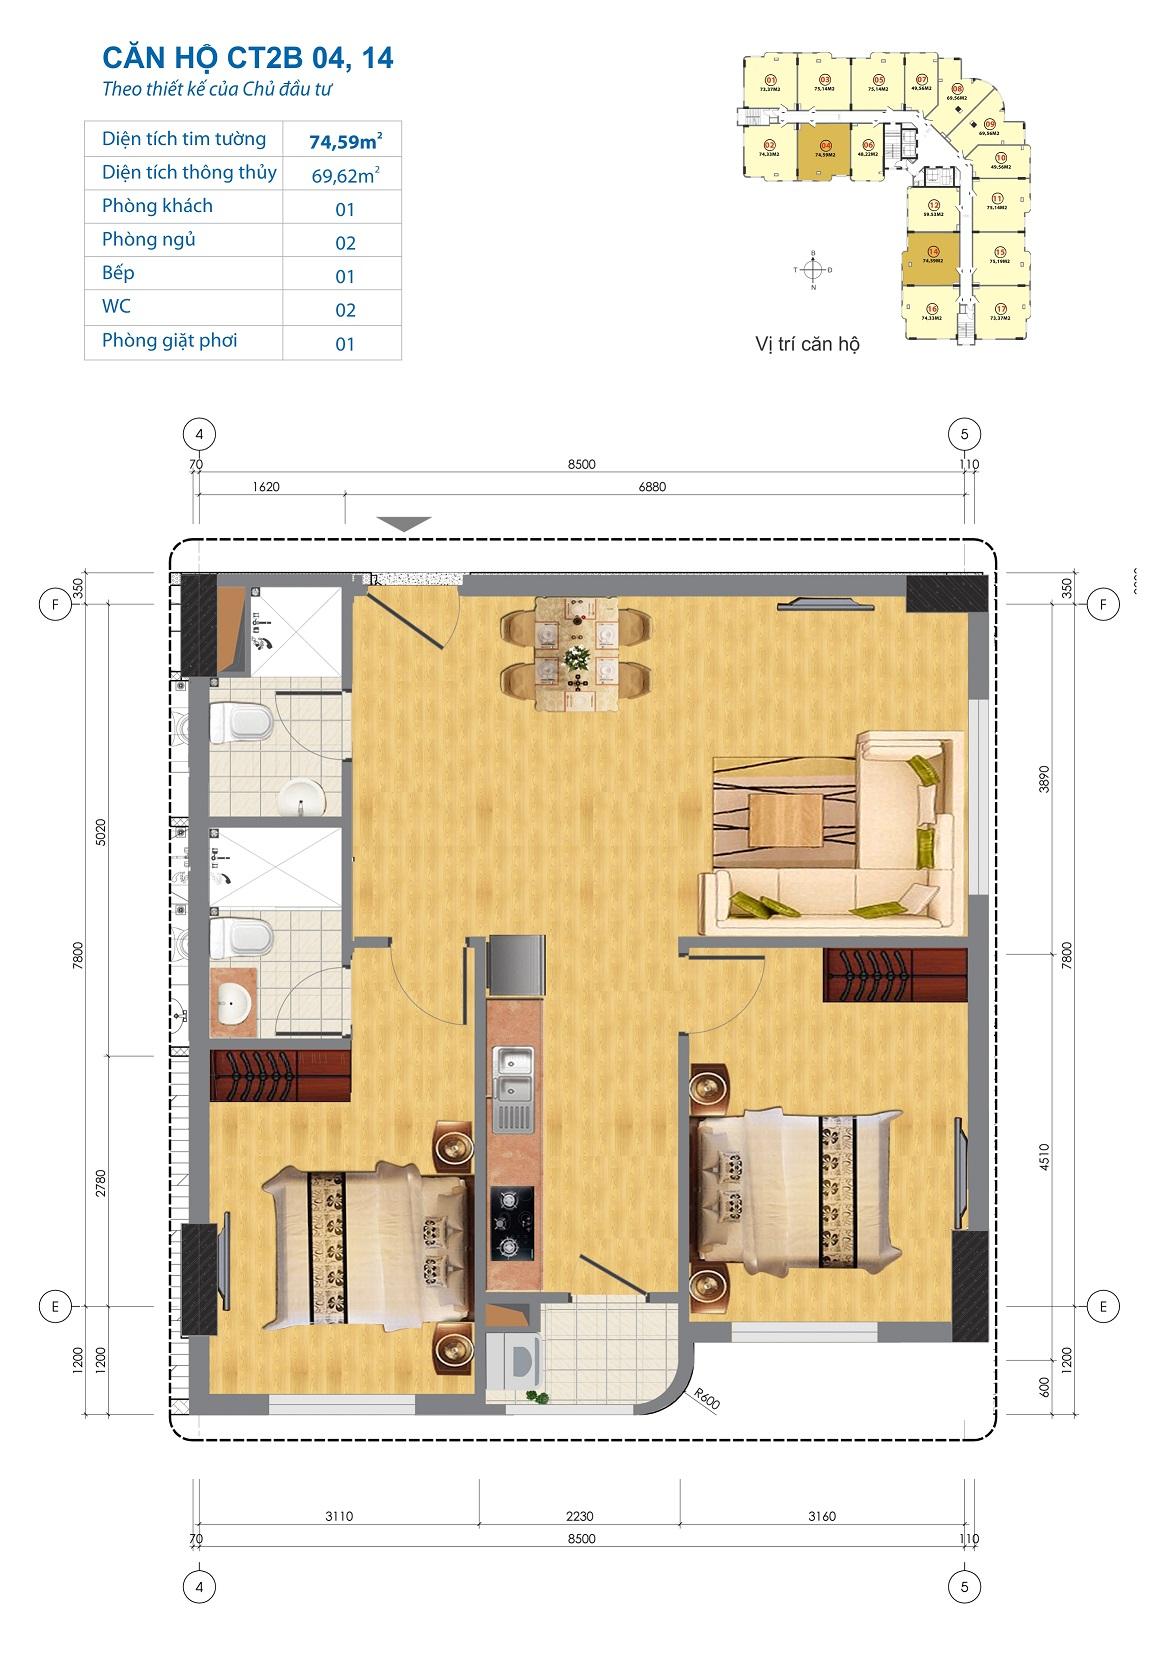 Thiết kế căn hộ CT2B 04, 14 Chung cư CT2B Ngĩa Đô